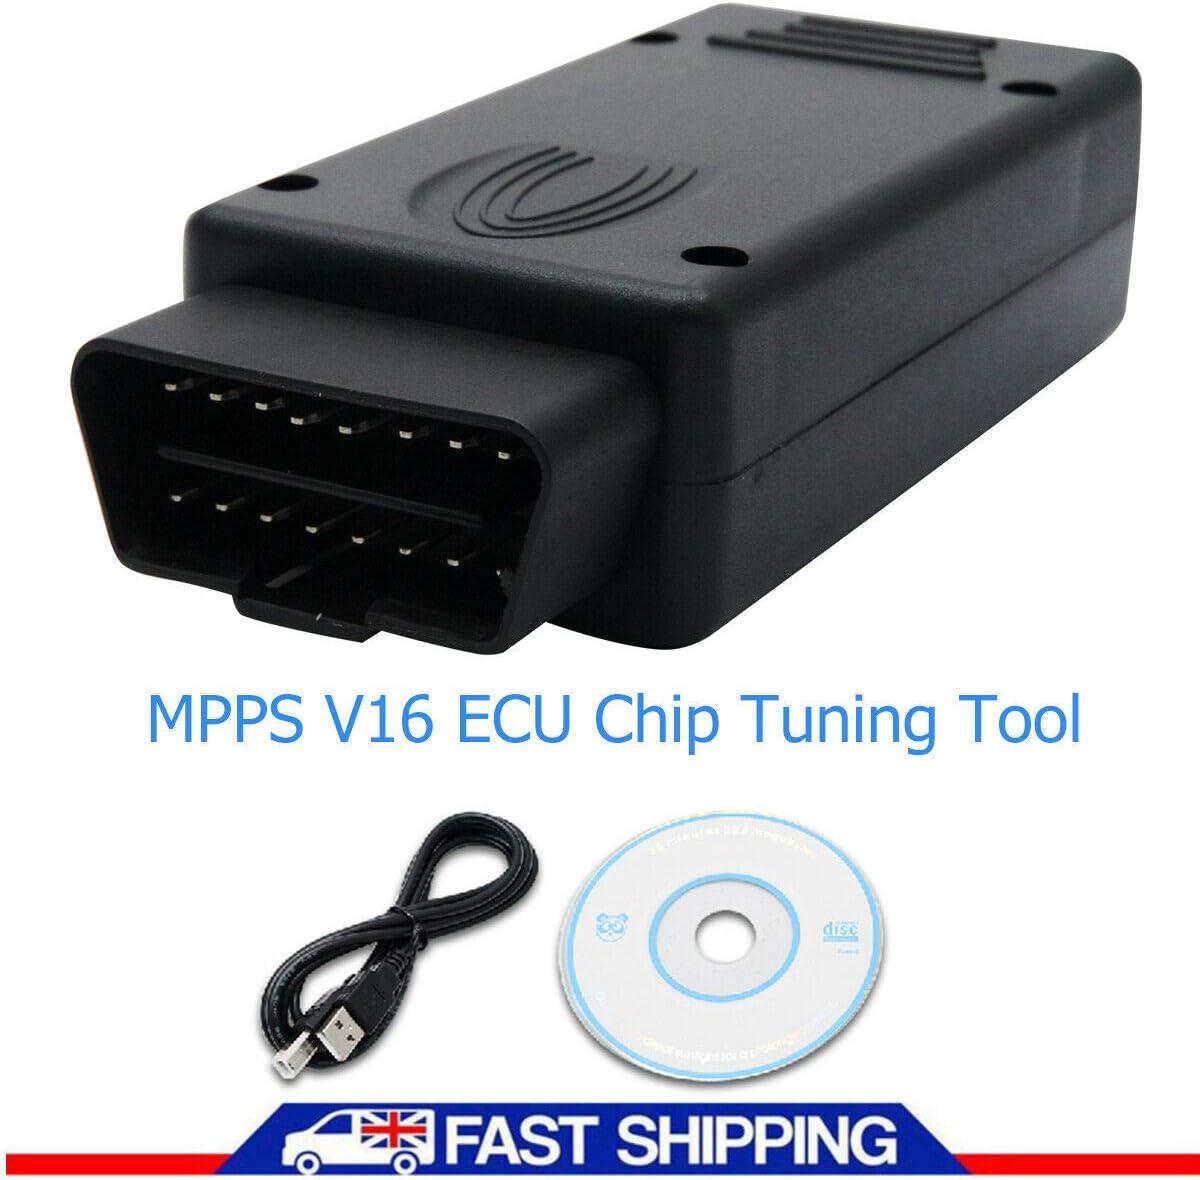 Puce de voiture Tuning CD dernier r/églage de la puce ECU MPPS V16 c/âble USB pour clignotant Remapping Outil pour EDC15 EDC16 EDC17